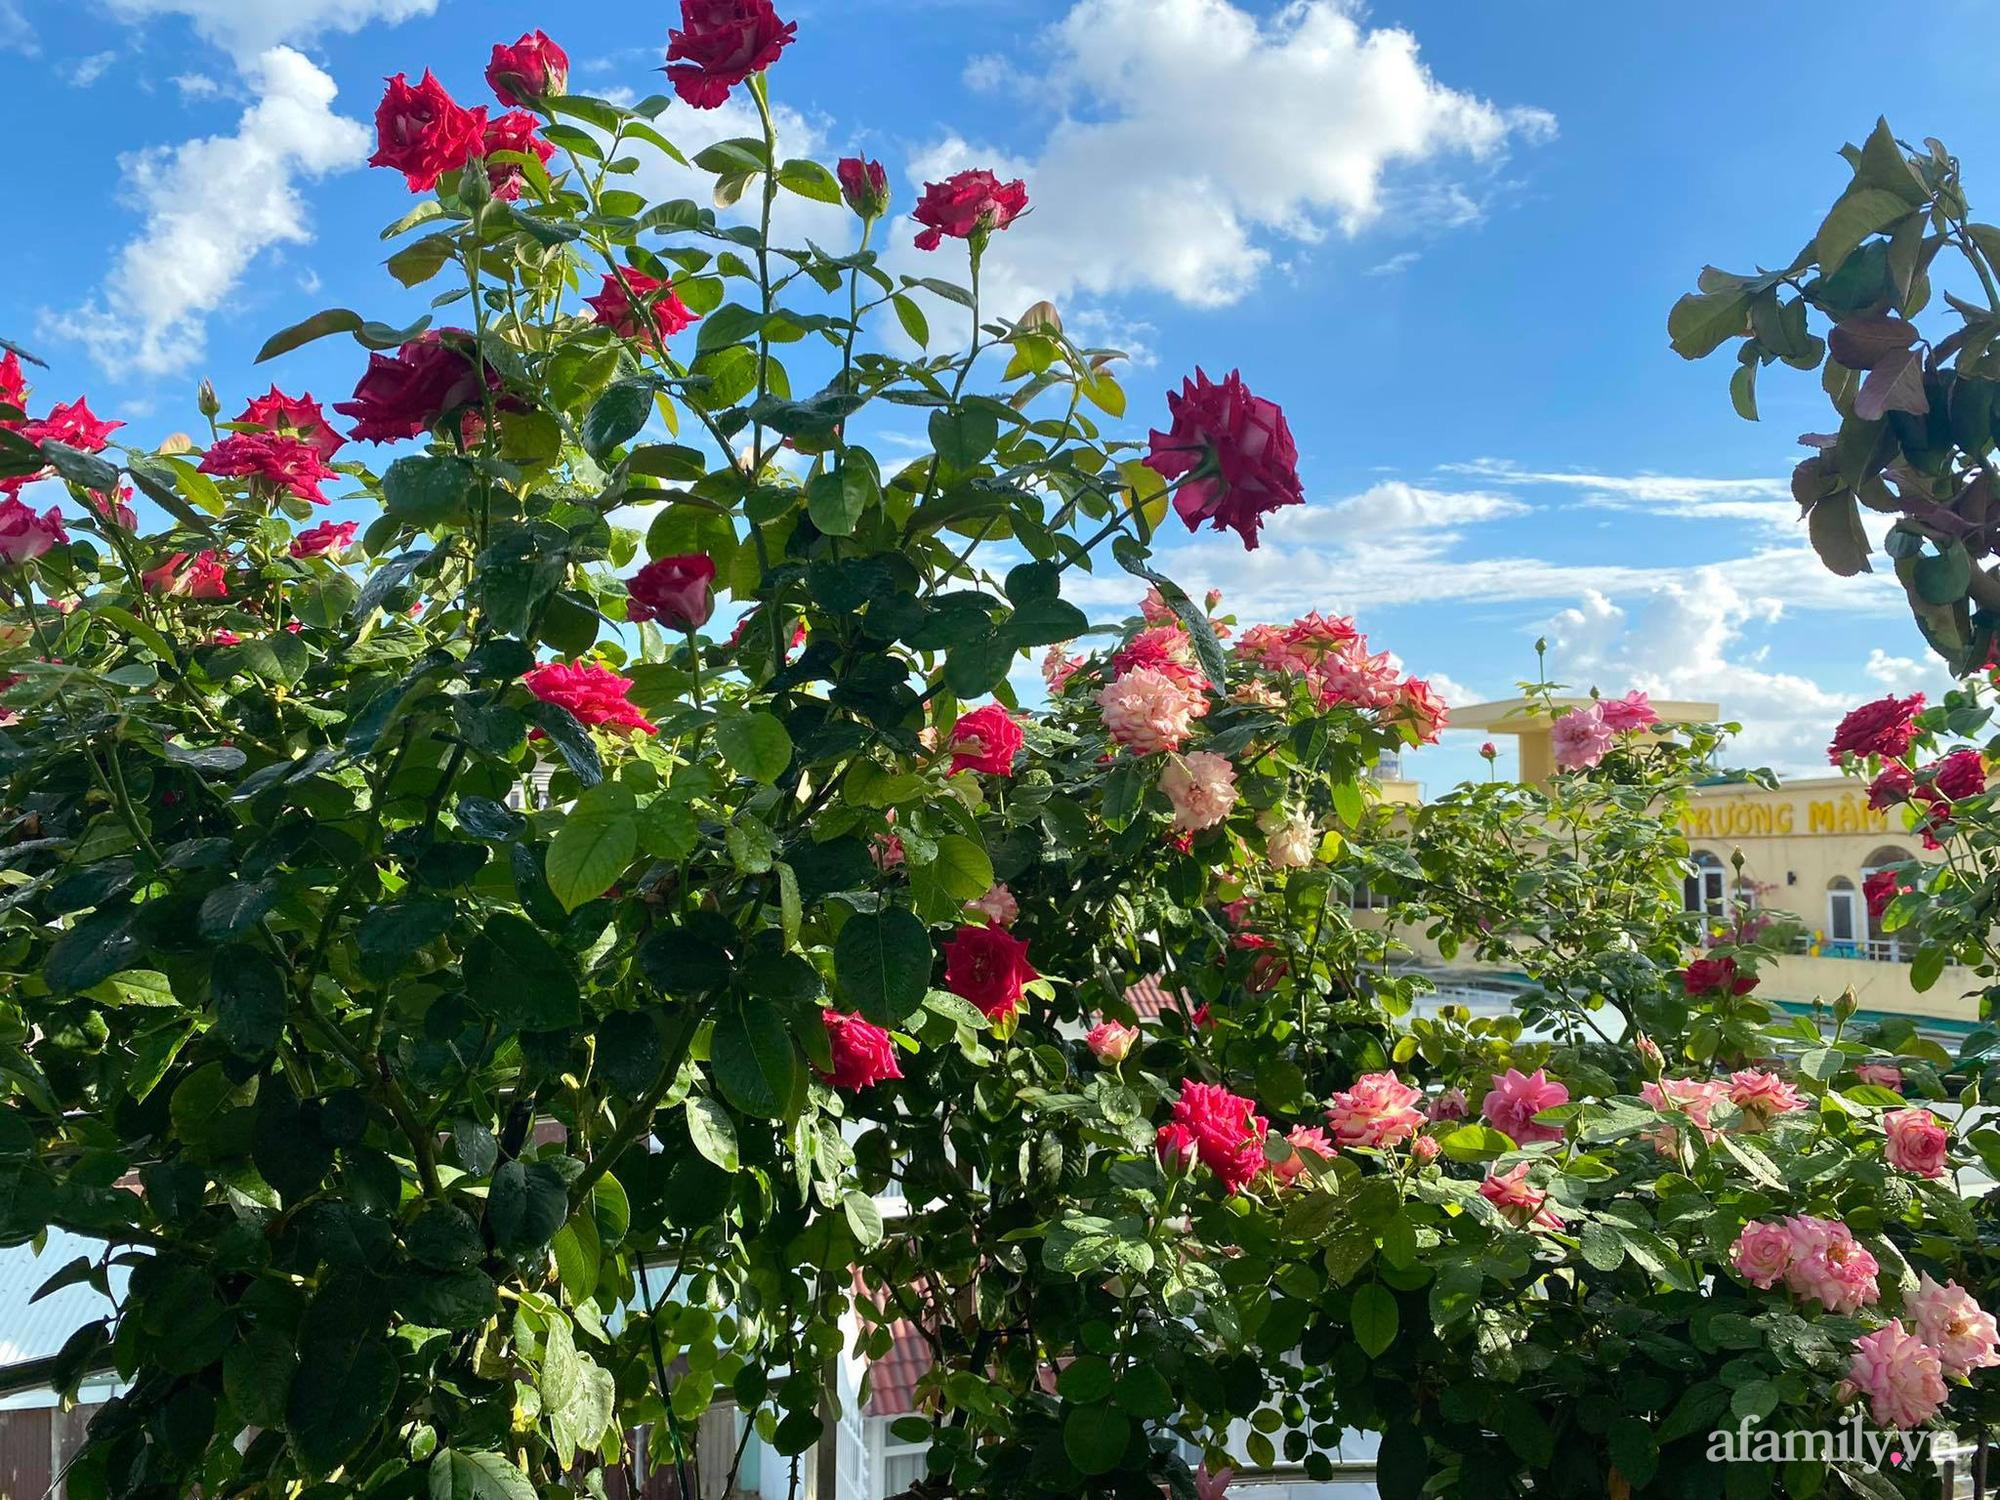 Sân thượng phủ kín hoa hồng và rau quả sạch ở Sài Gòn của Hoa hậu Janny Thủy Trần - ảnh 4